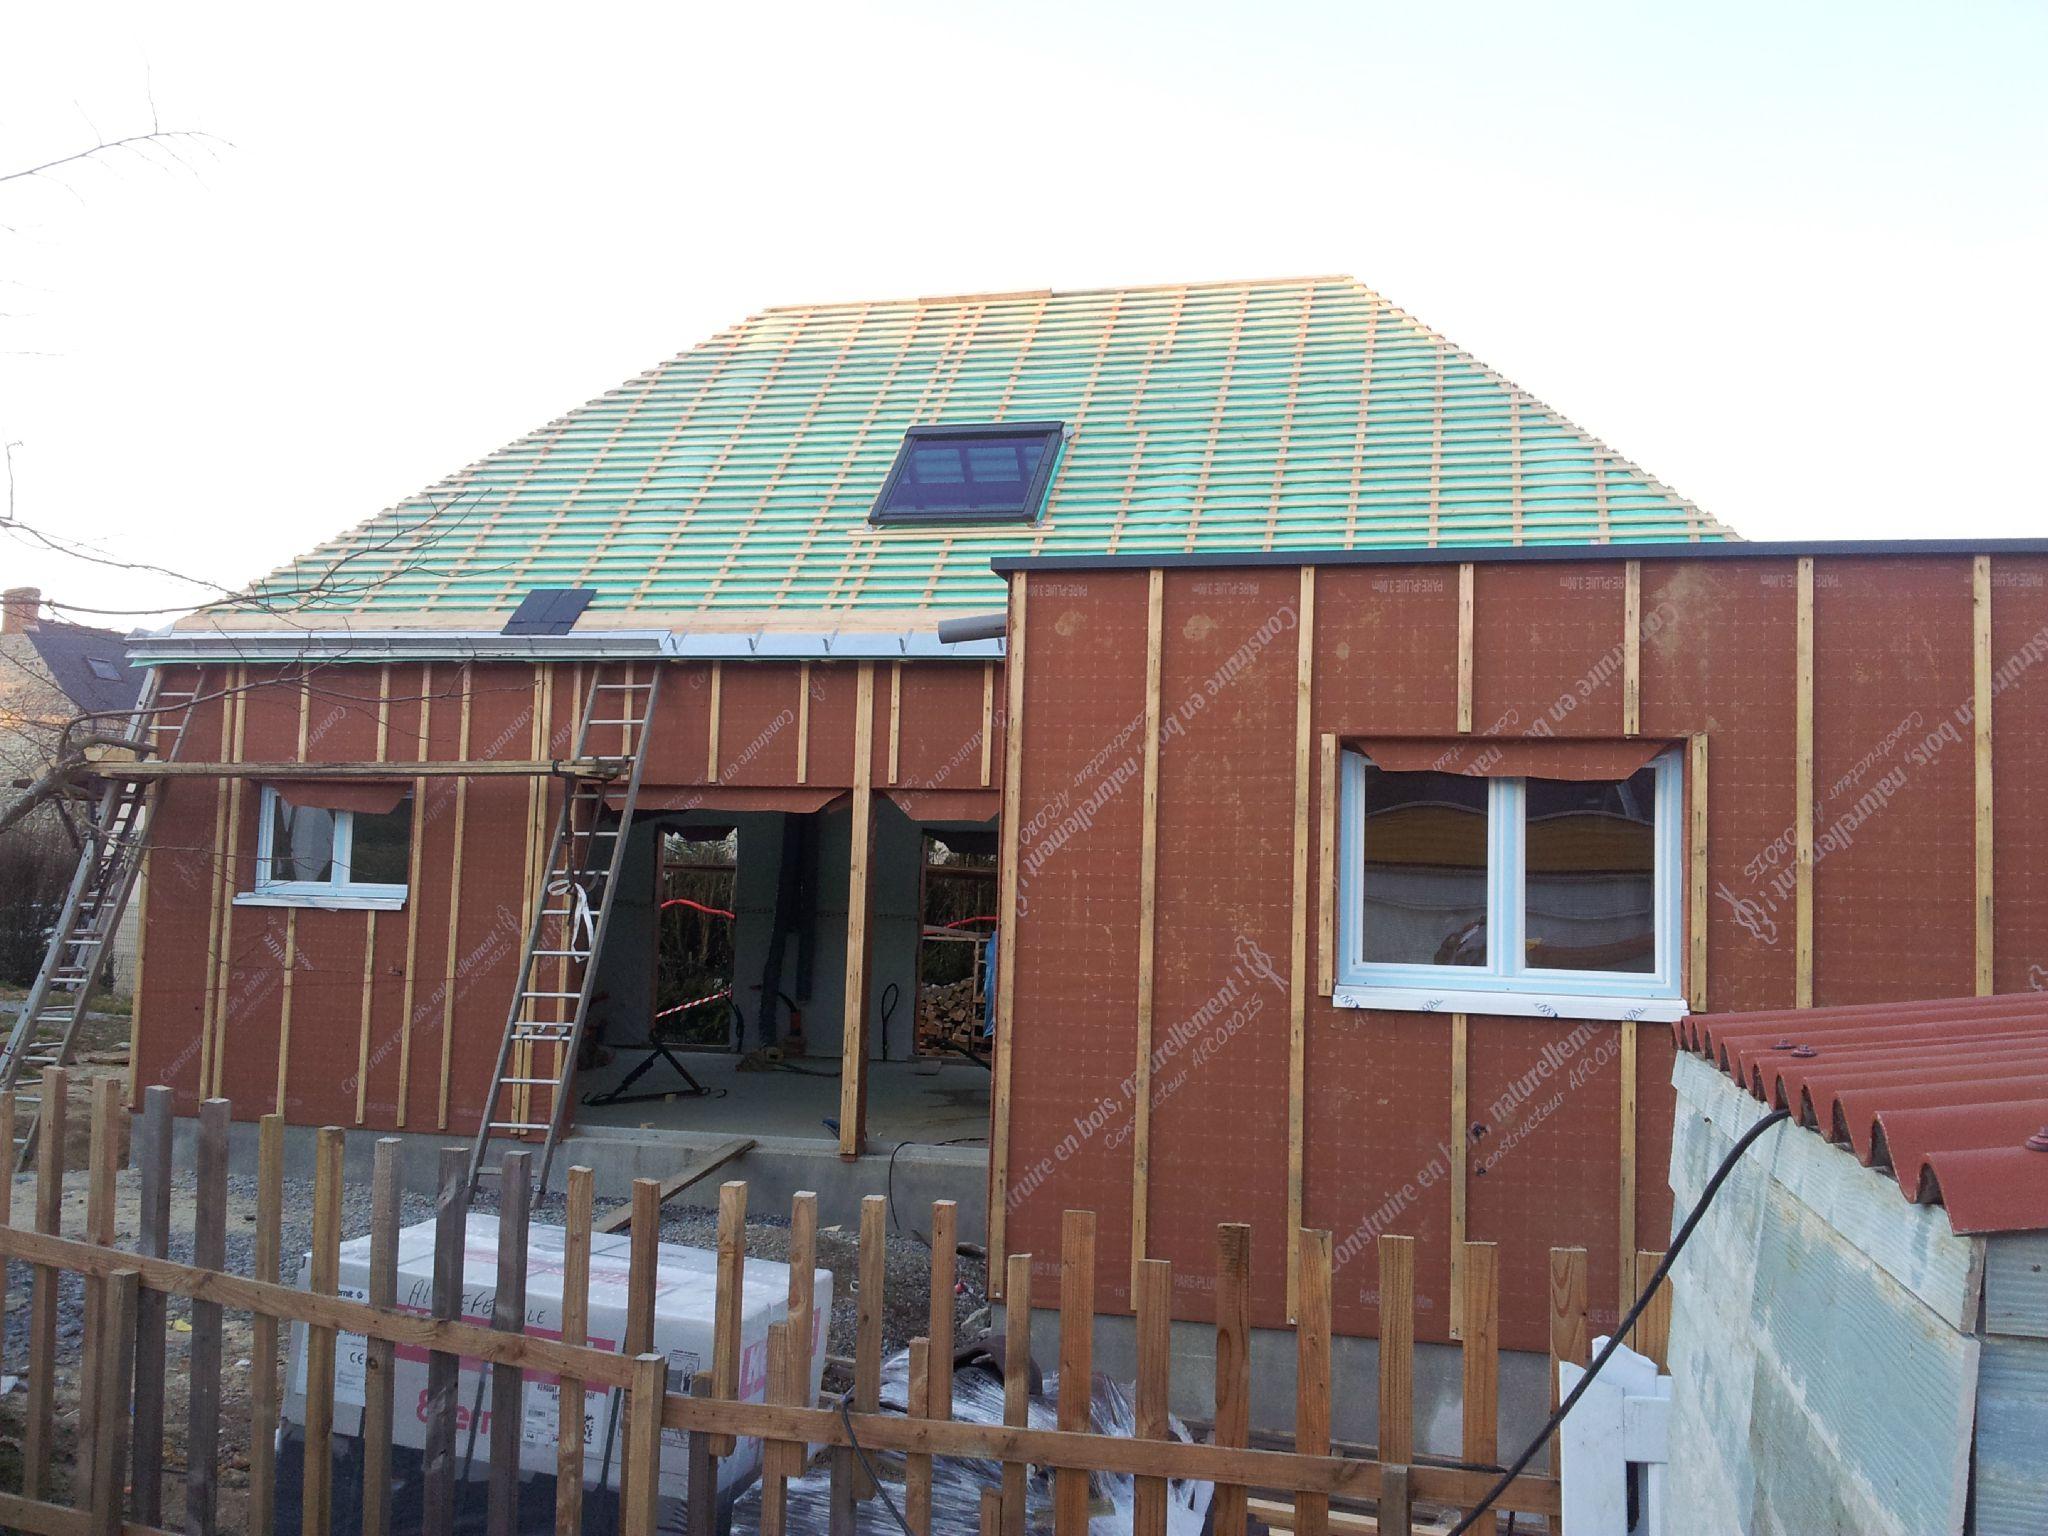 Pr paration de la toiture toiture terrasse for La toiture terrasse